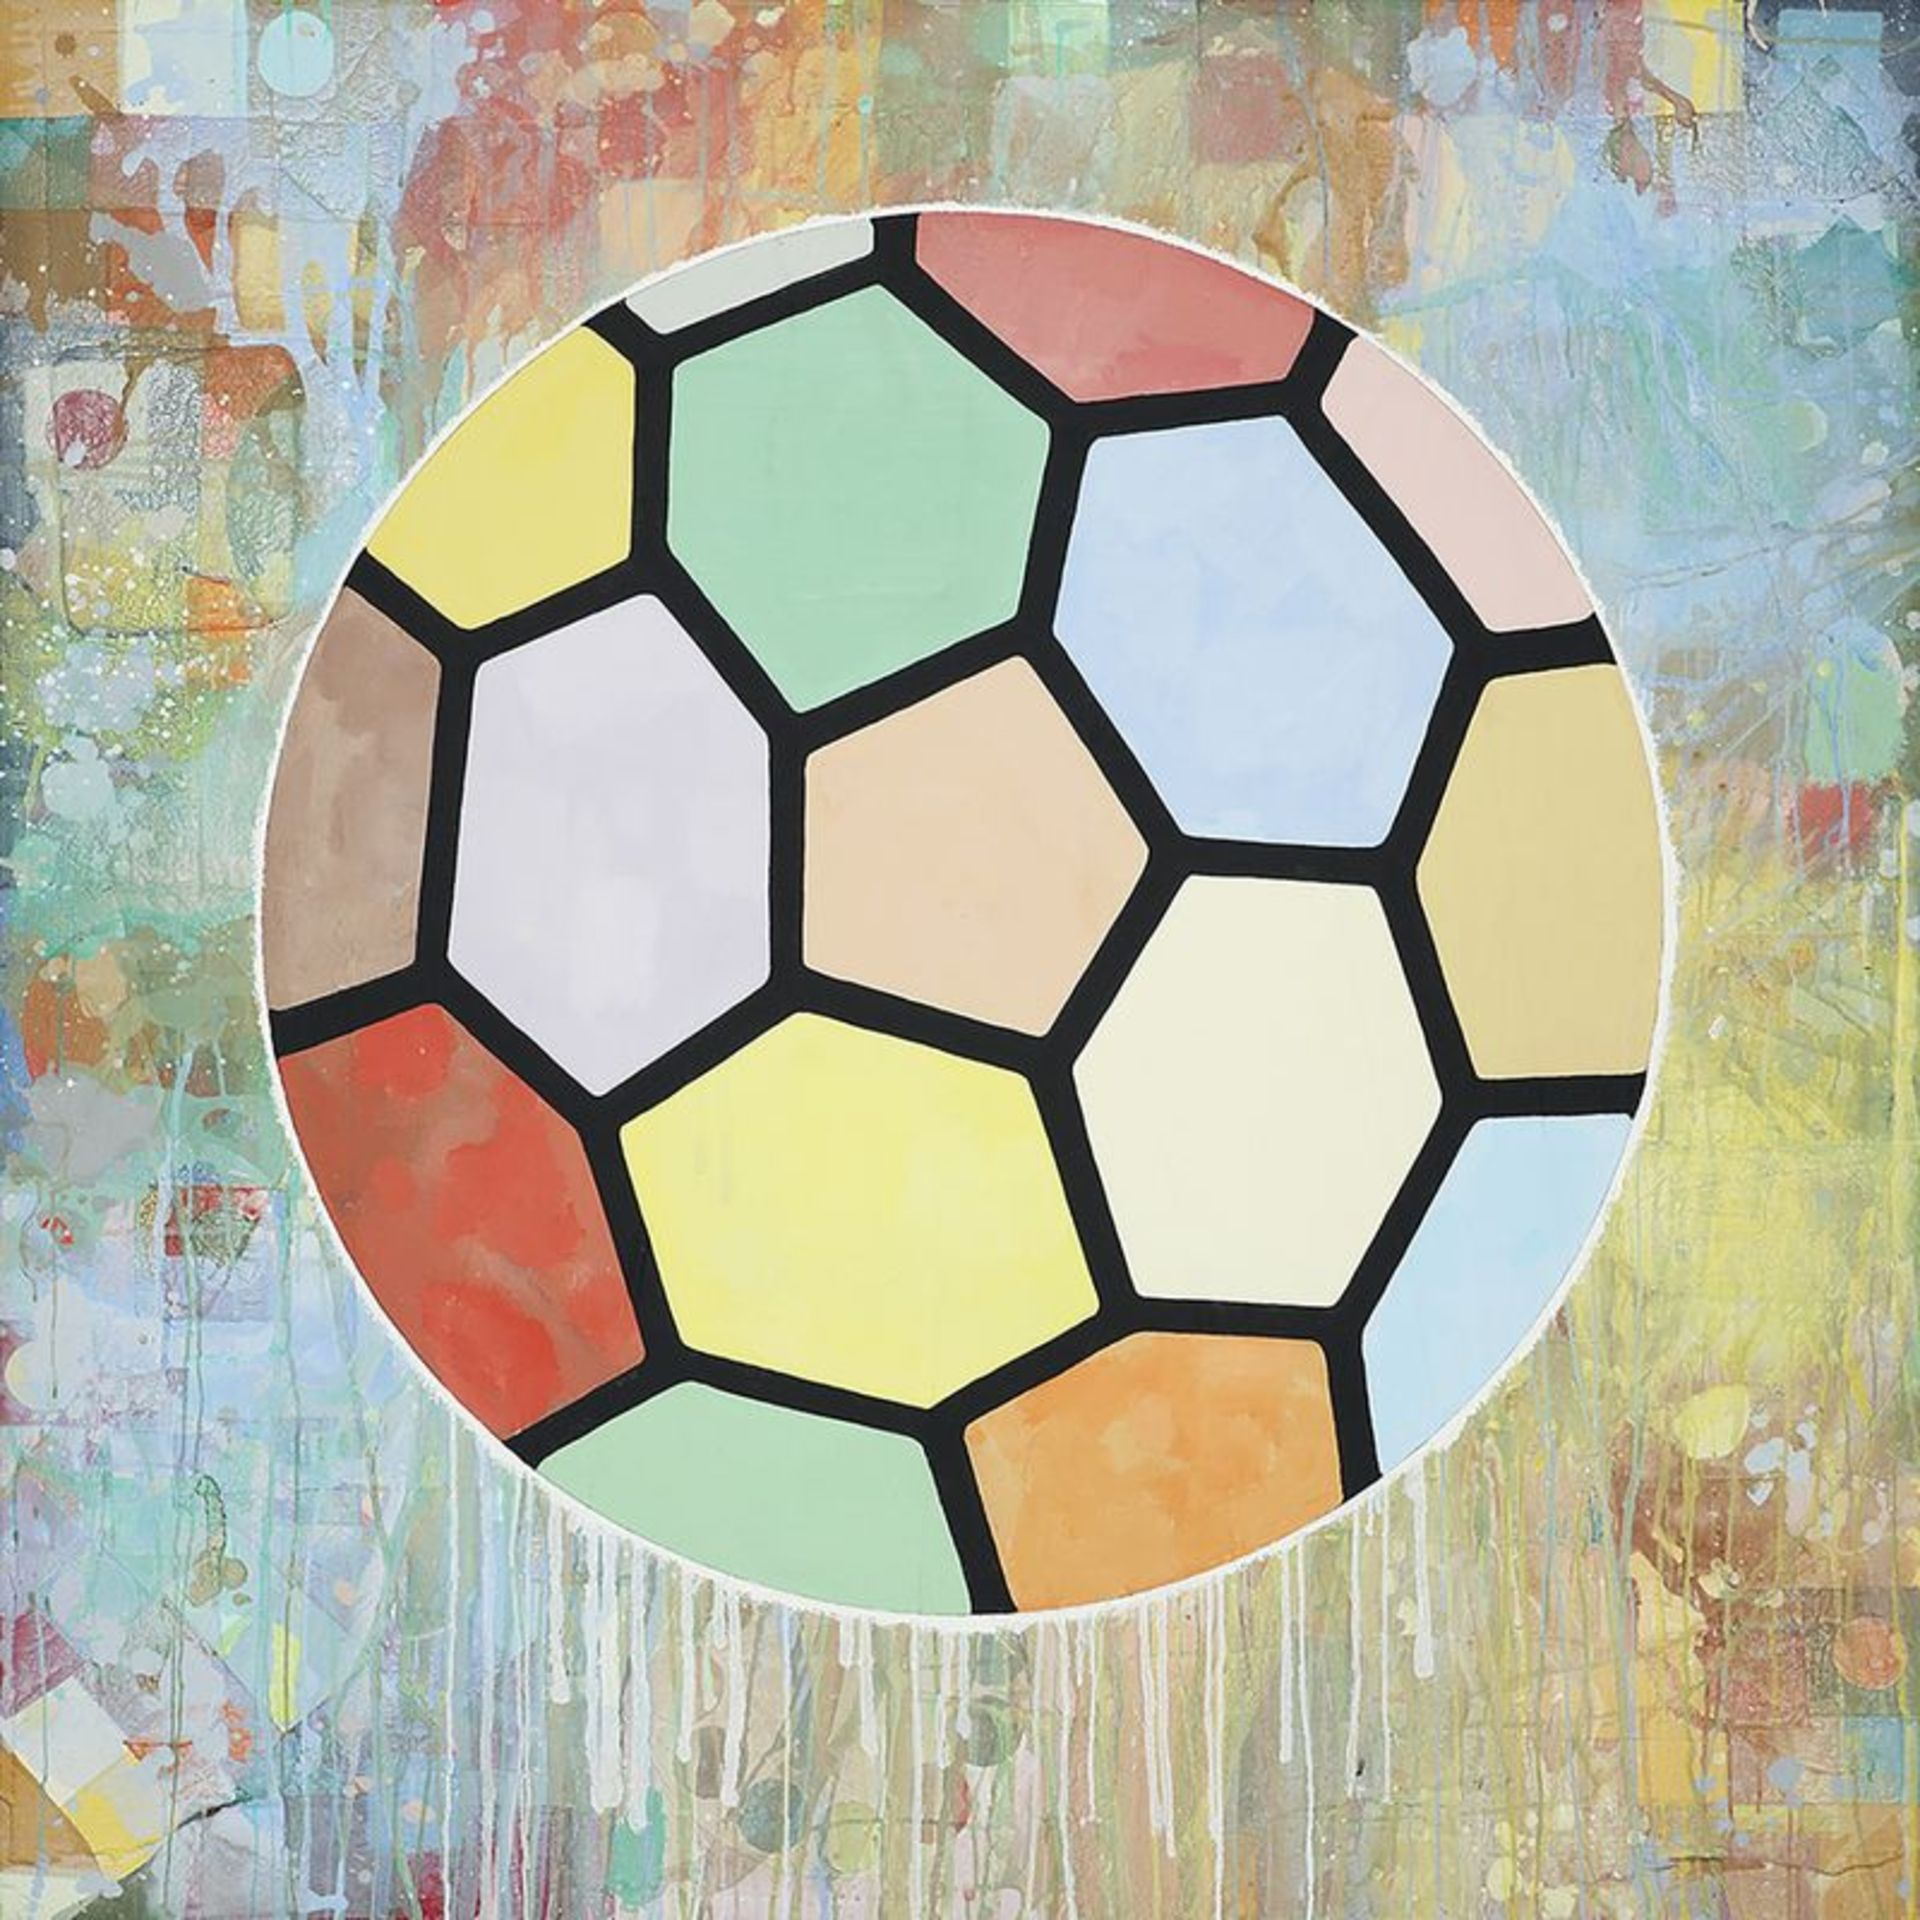 Donald Baechler (né en 1956) - Colorfull Ball, 2010 - Acrylique et collage sur [...]